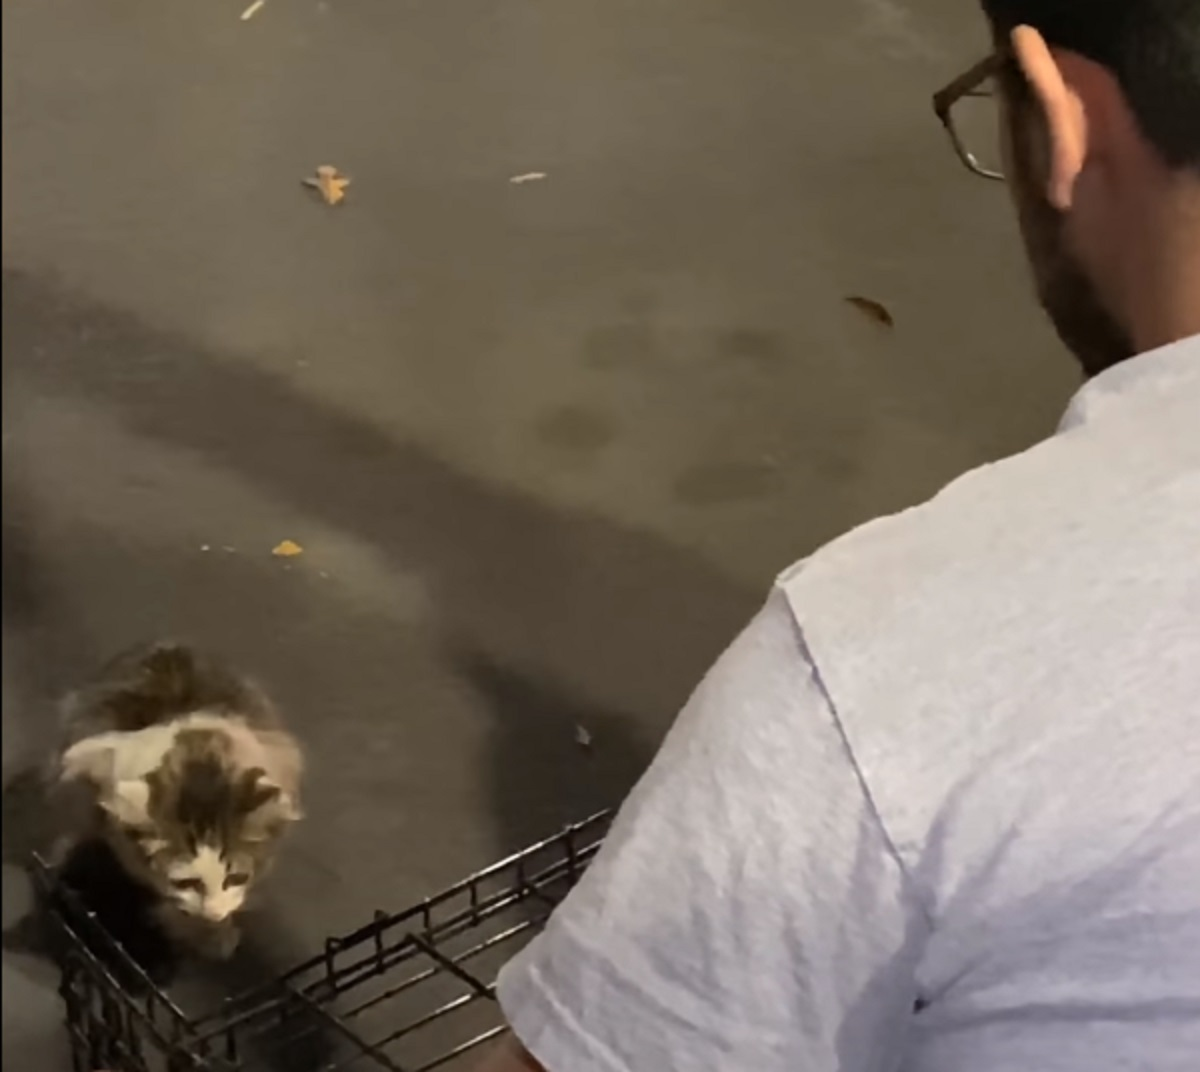 gattino mcdonalds trovato